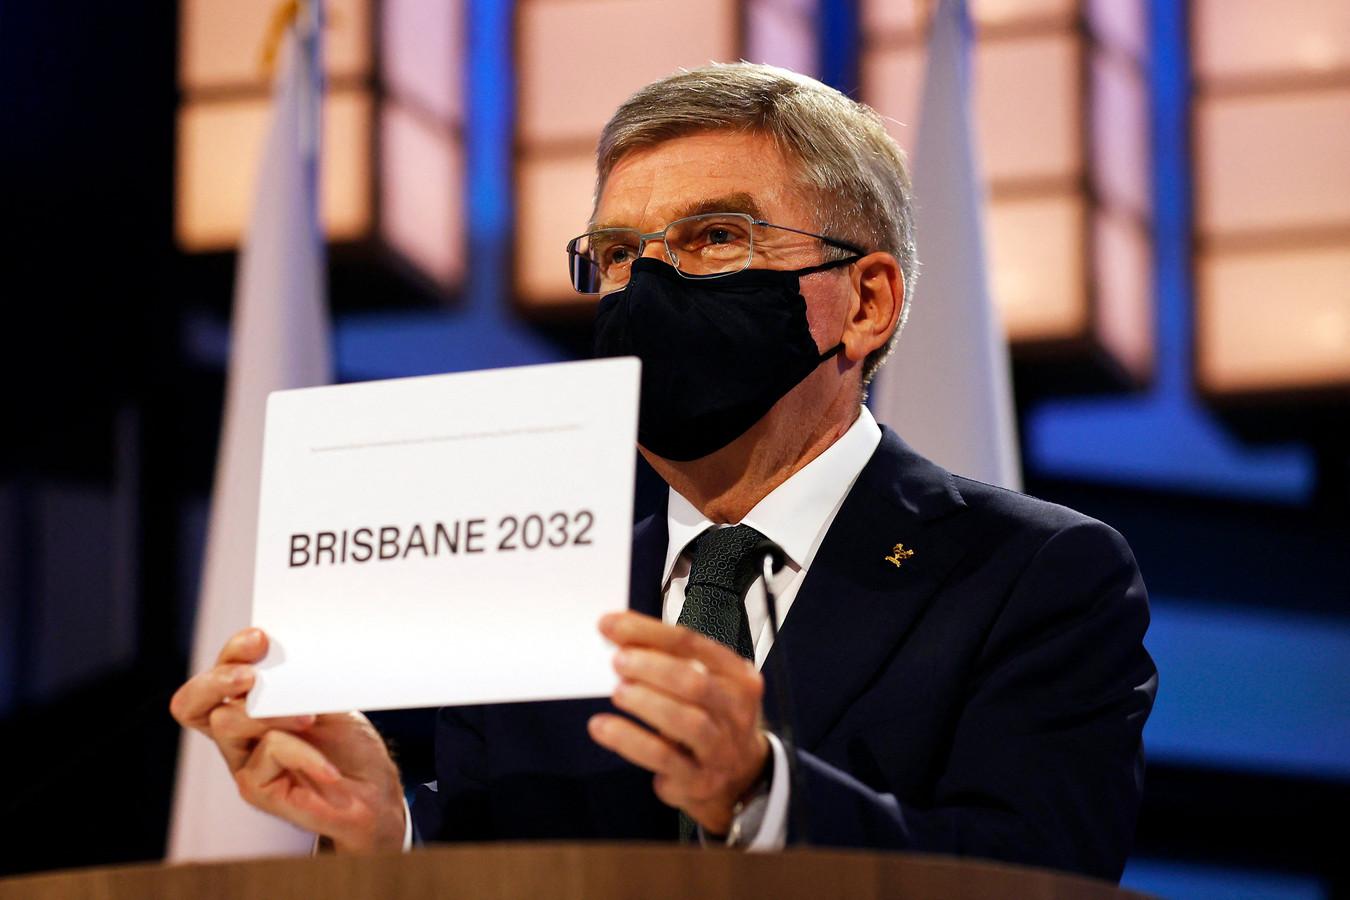 Thomas Bach kondigt Brisbane aan als gastheer van de Olympische Spelen in 2032.